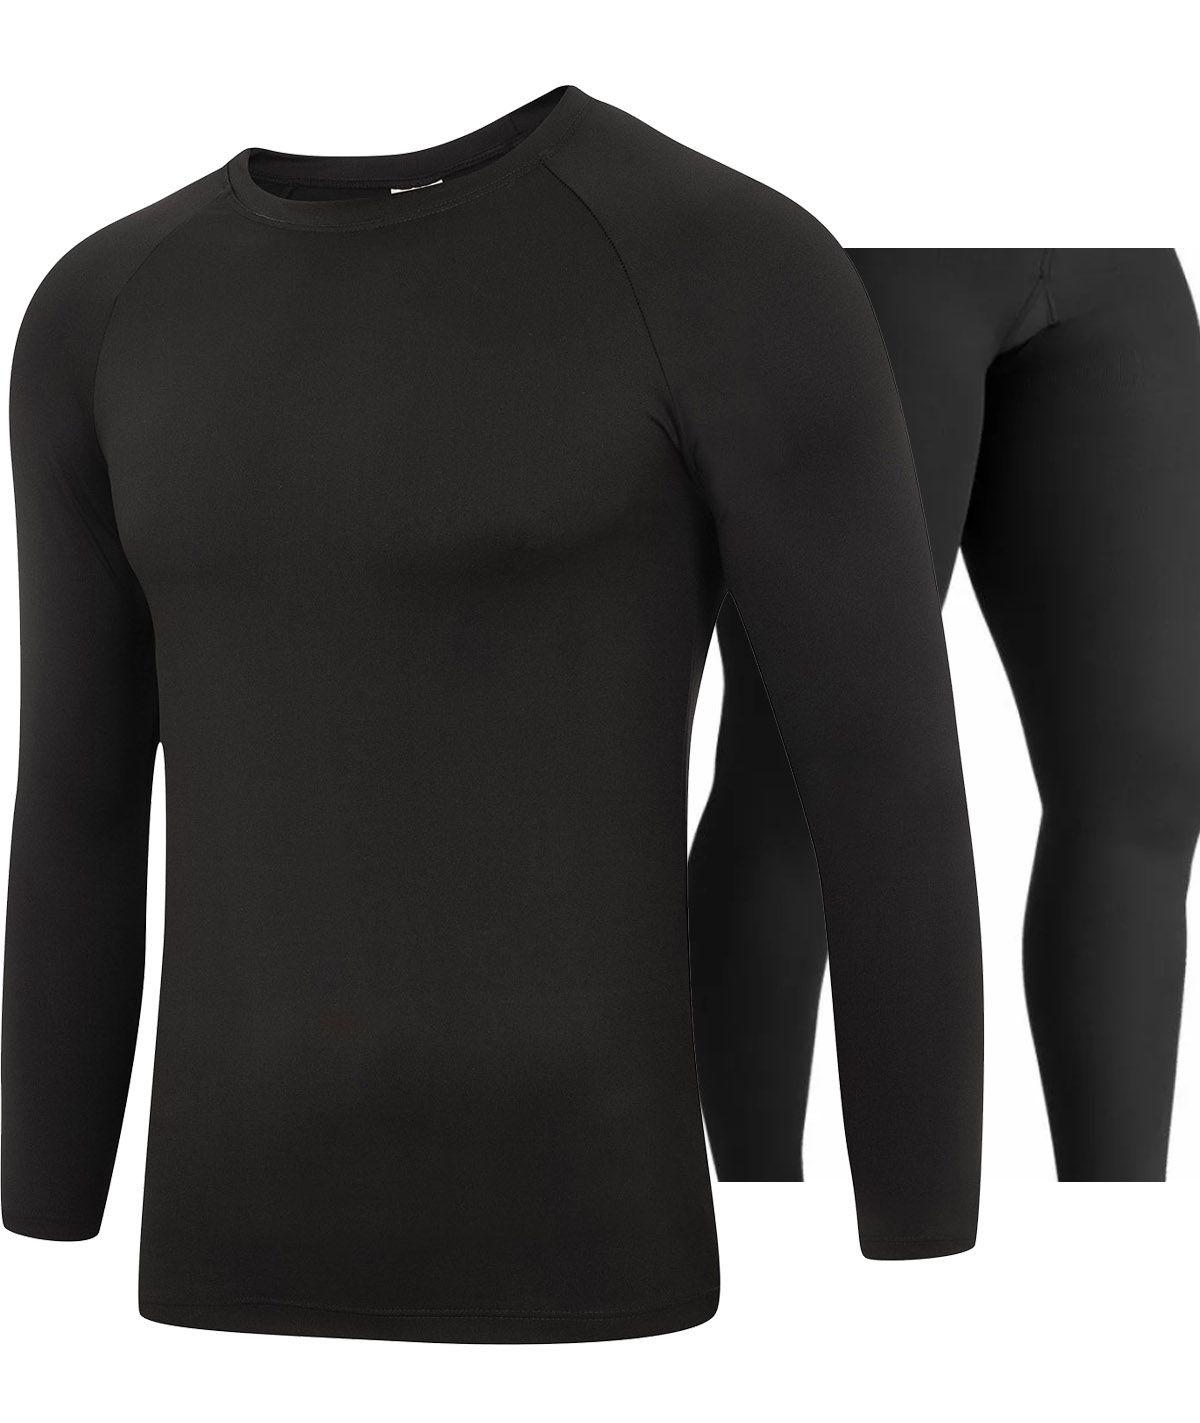 Camisa Térmica Segunda Pele E Calça Térmica